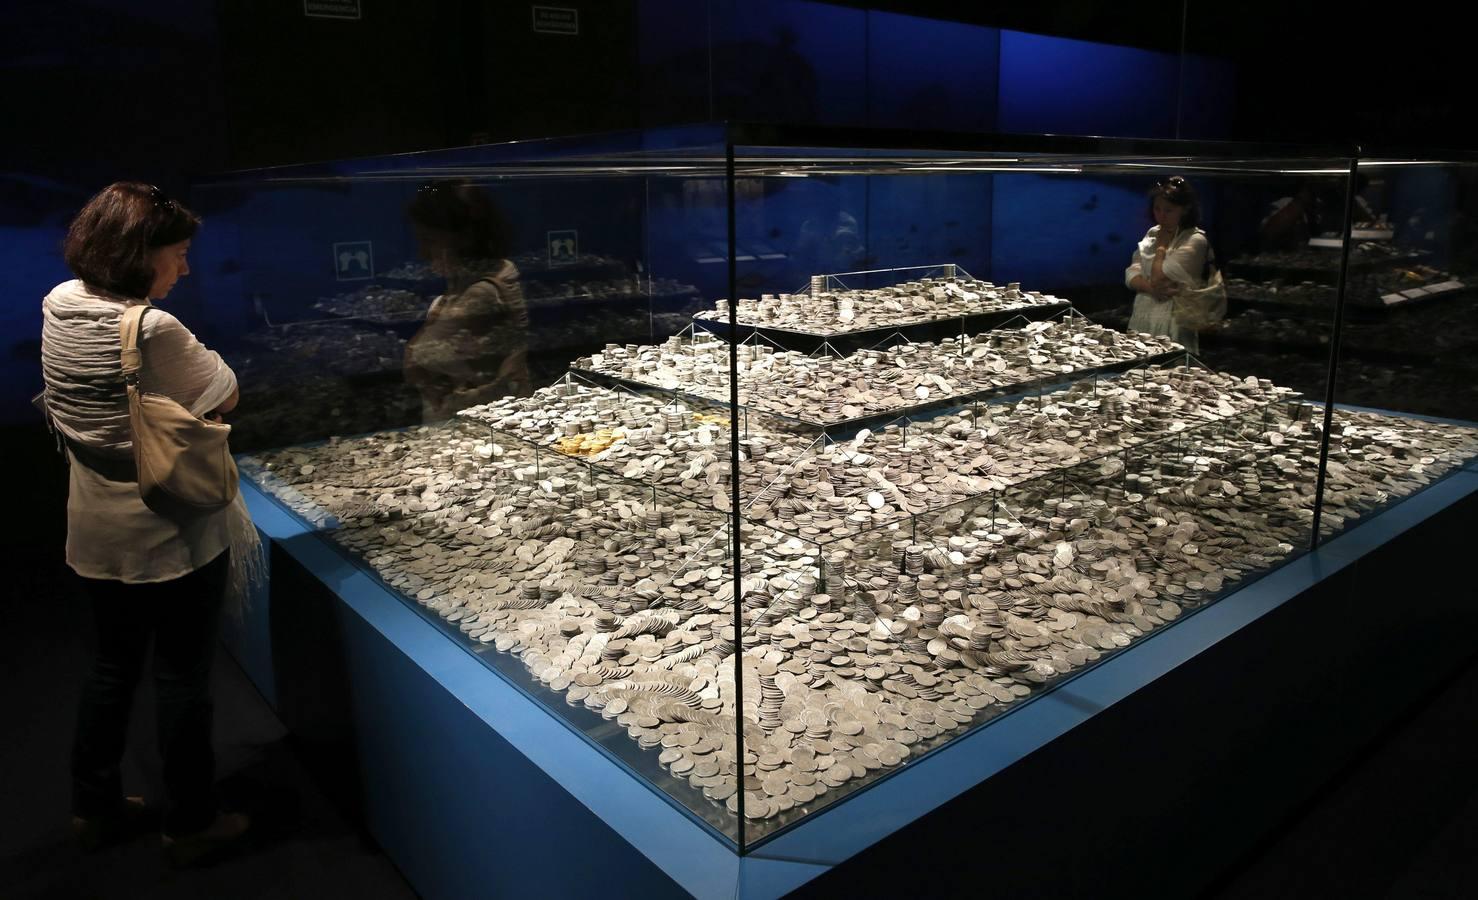 Estas fueron las monedas expoliadas, hoy expuestas en todo su contexto histórico